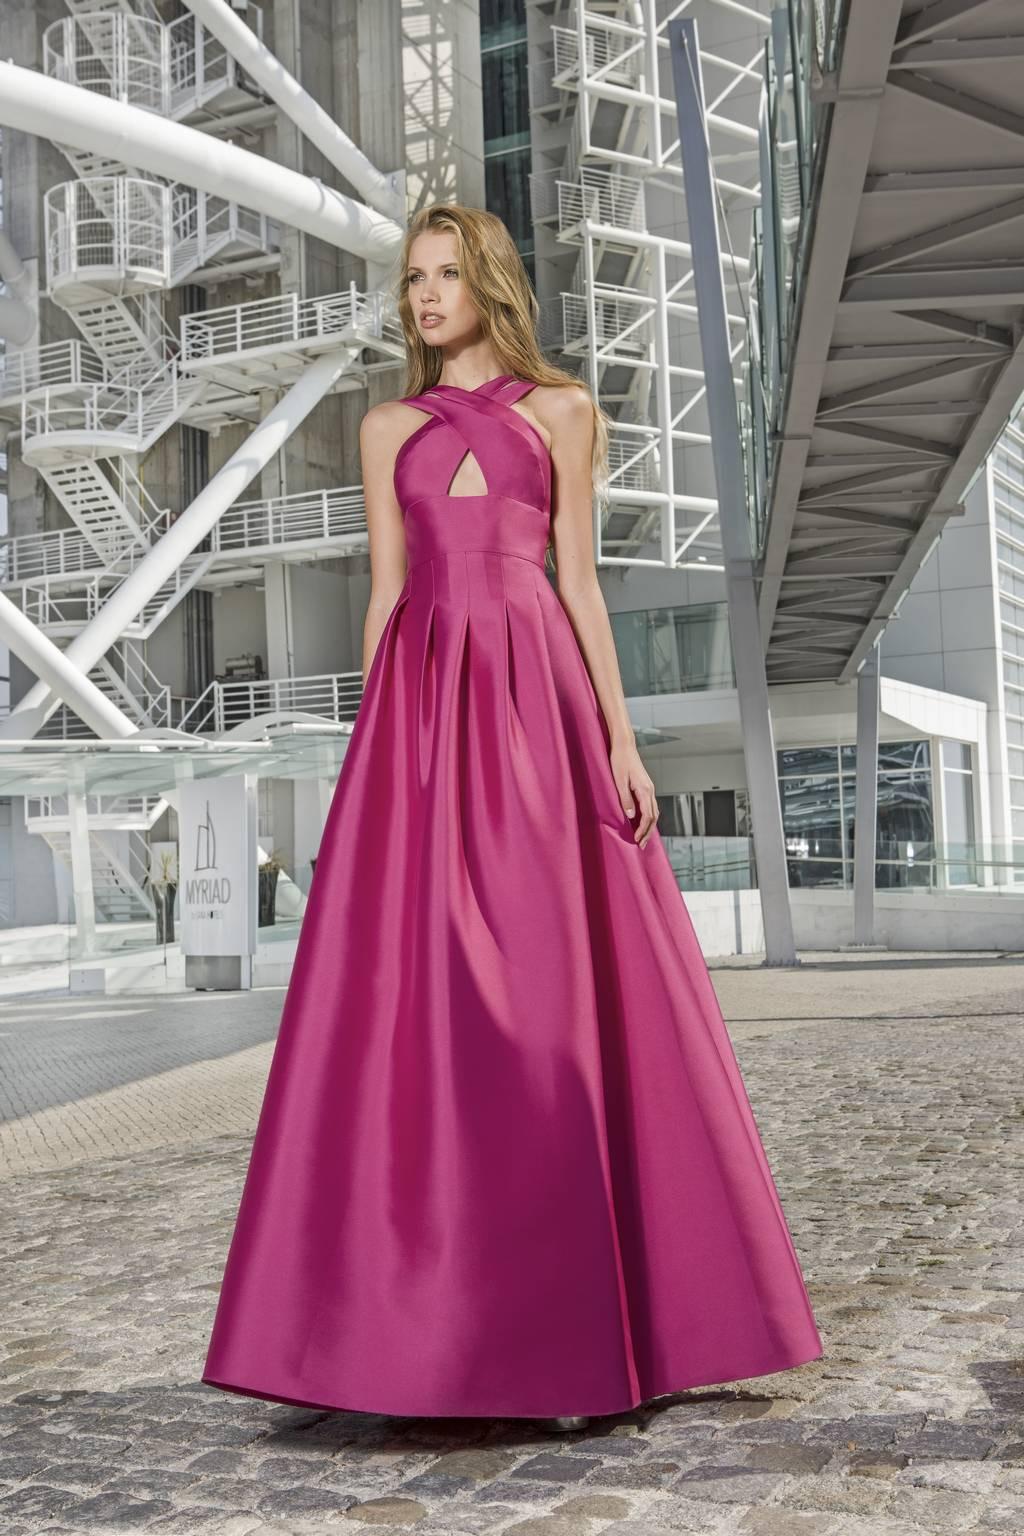 Designer Leicht Abendkleider Neuss Vertrieb17 Elegant Abendkleider Neuss für 2019